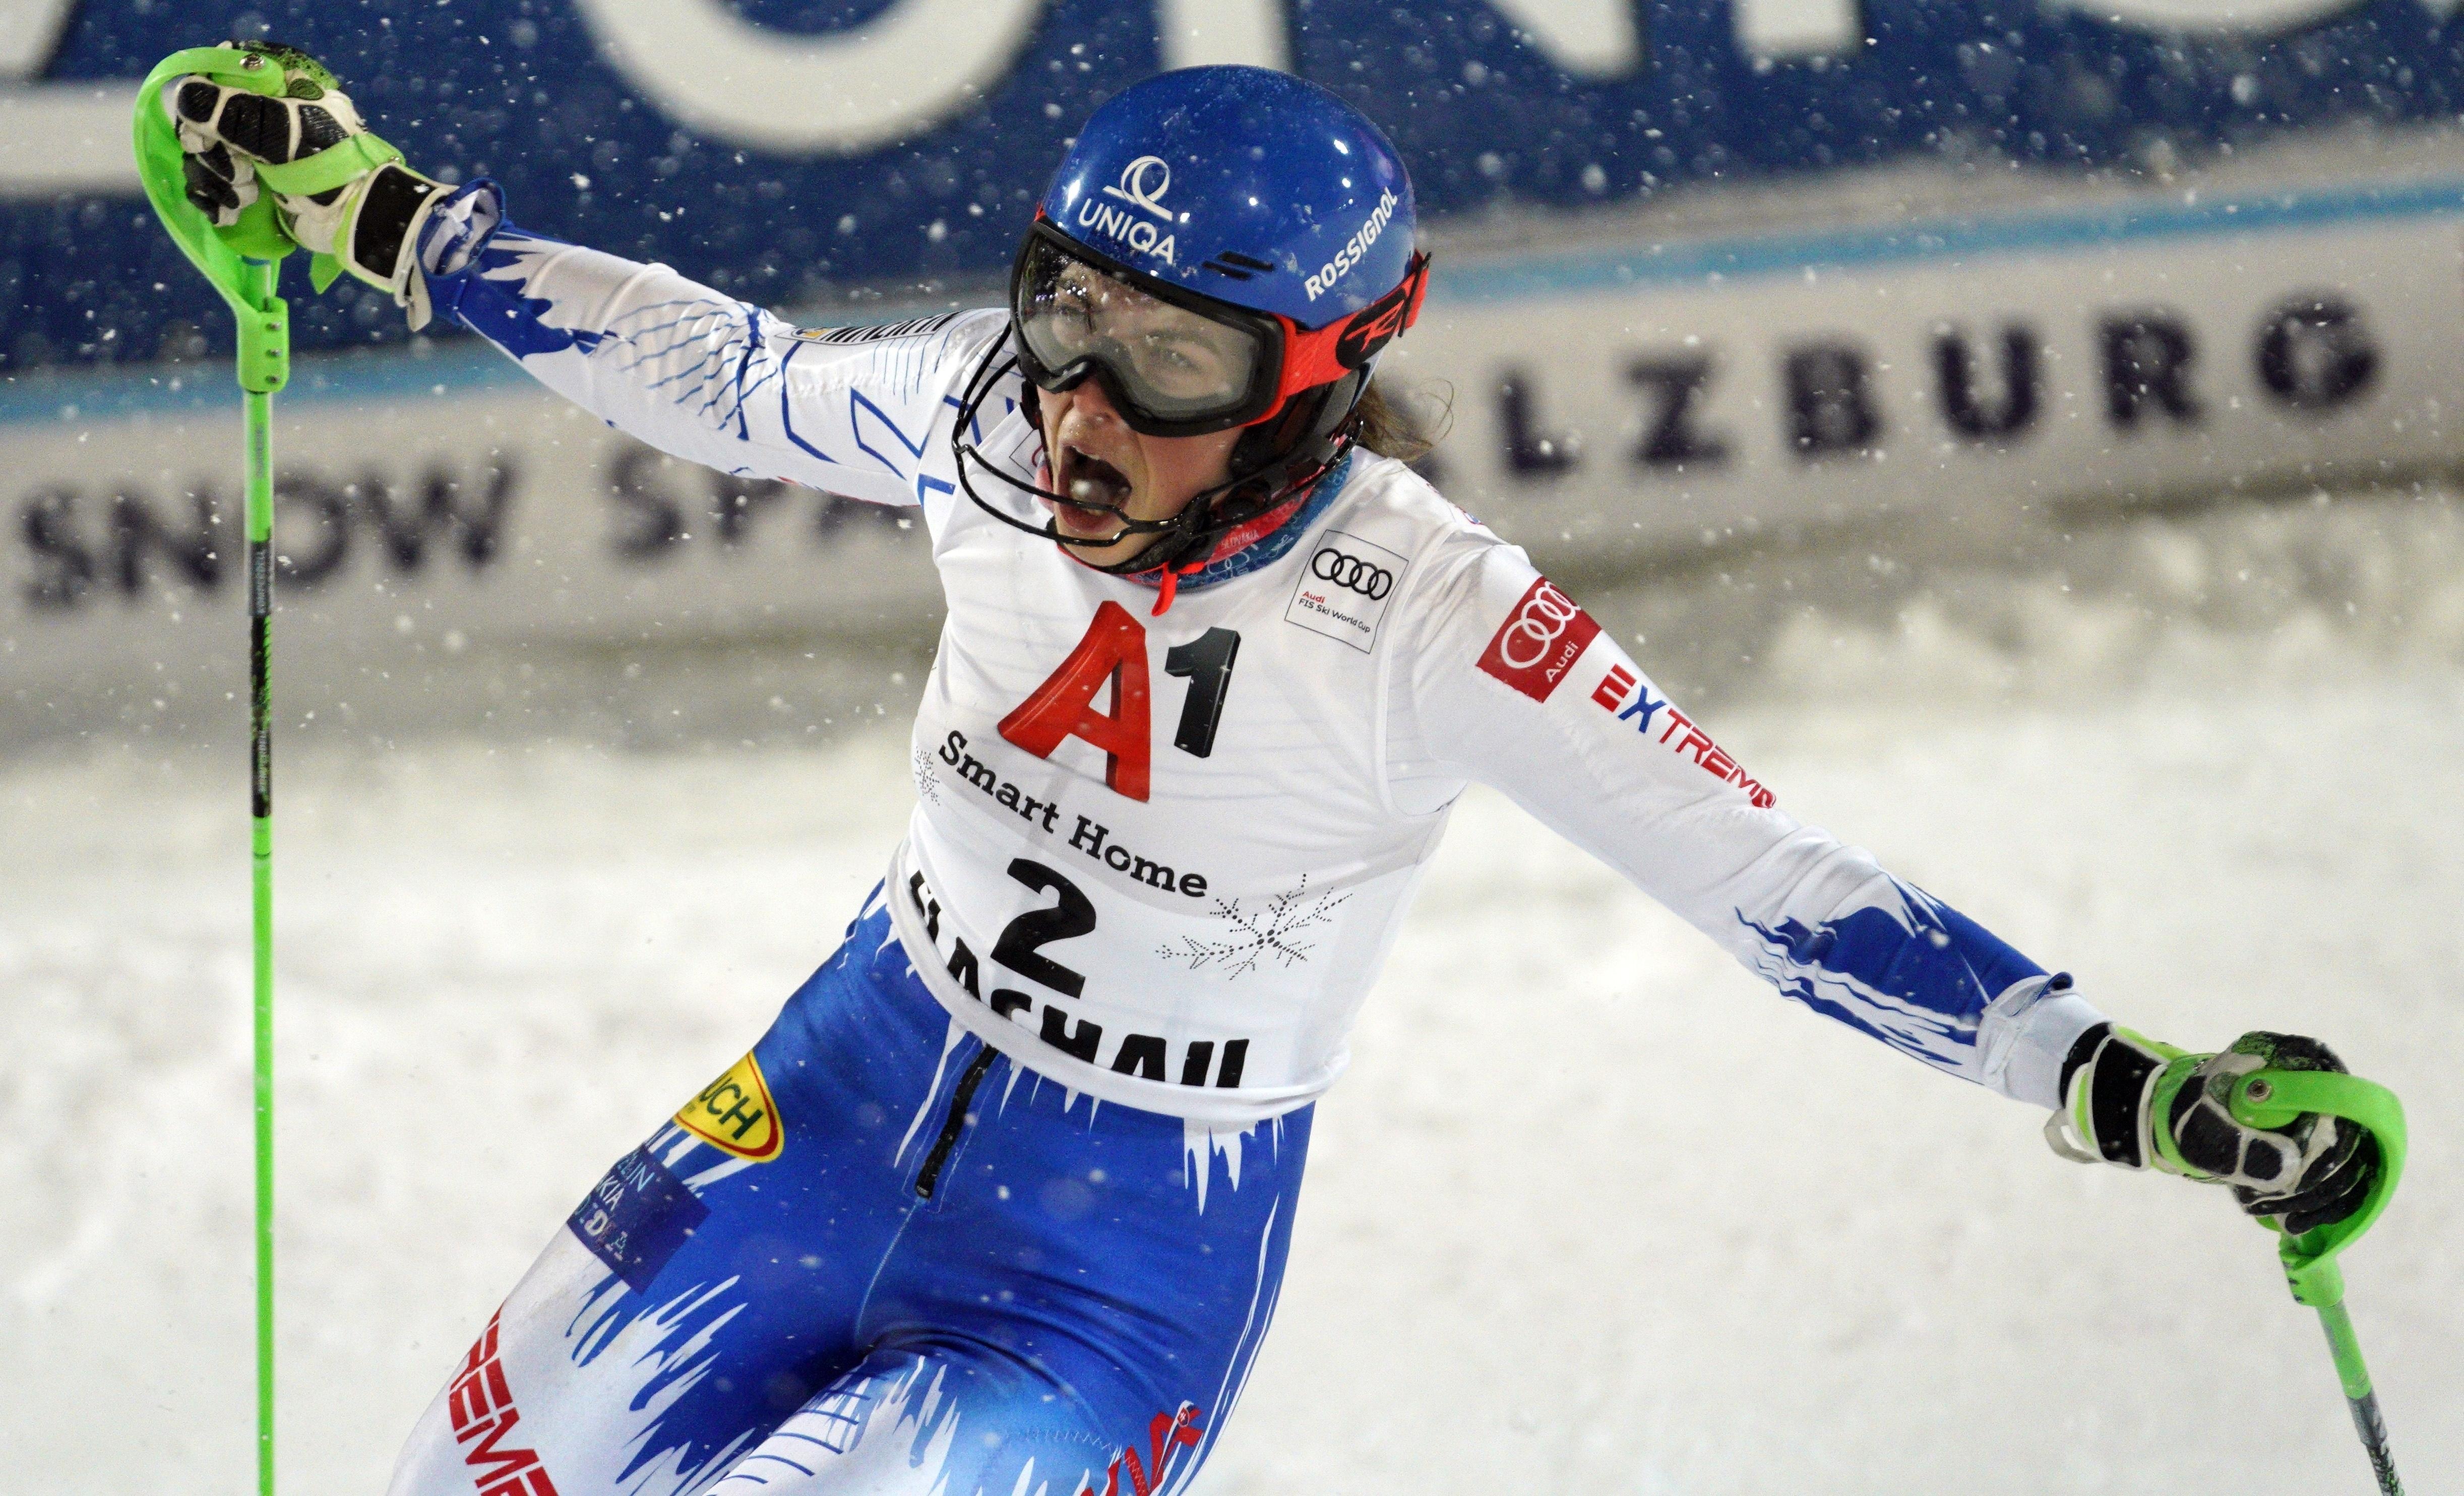 Petra Vlhova wins slalom to deny Mikaela Shiffrin 8th ...